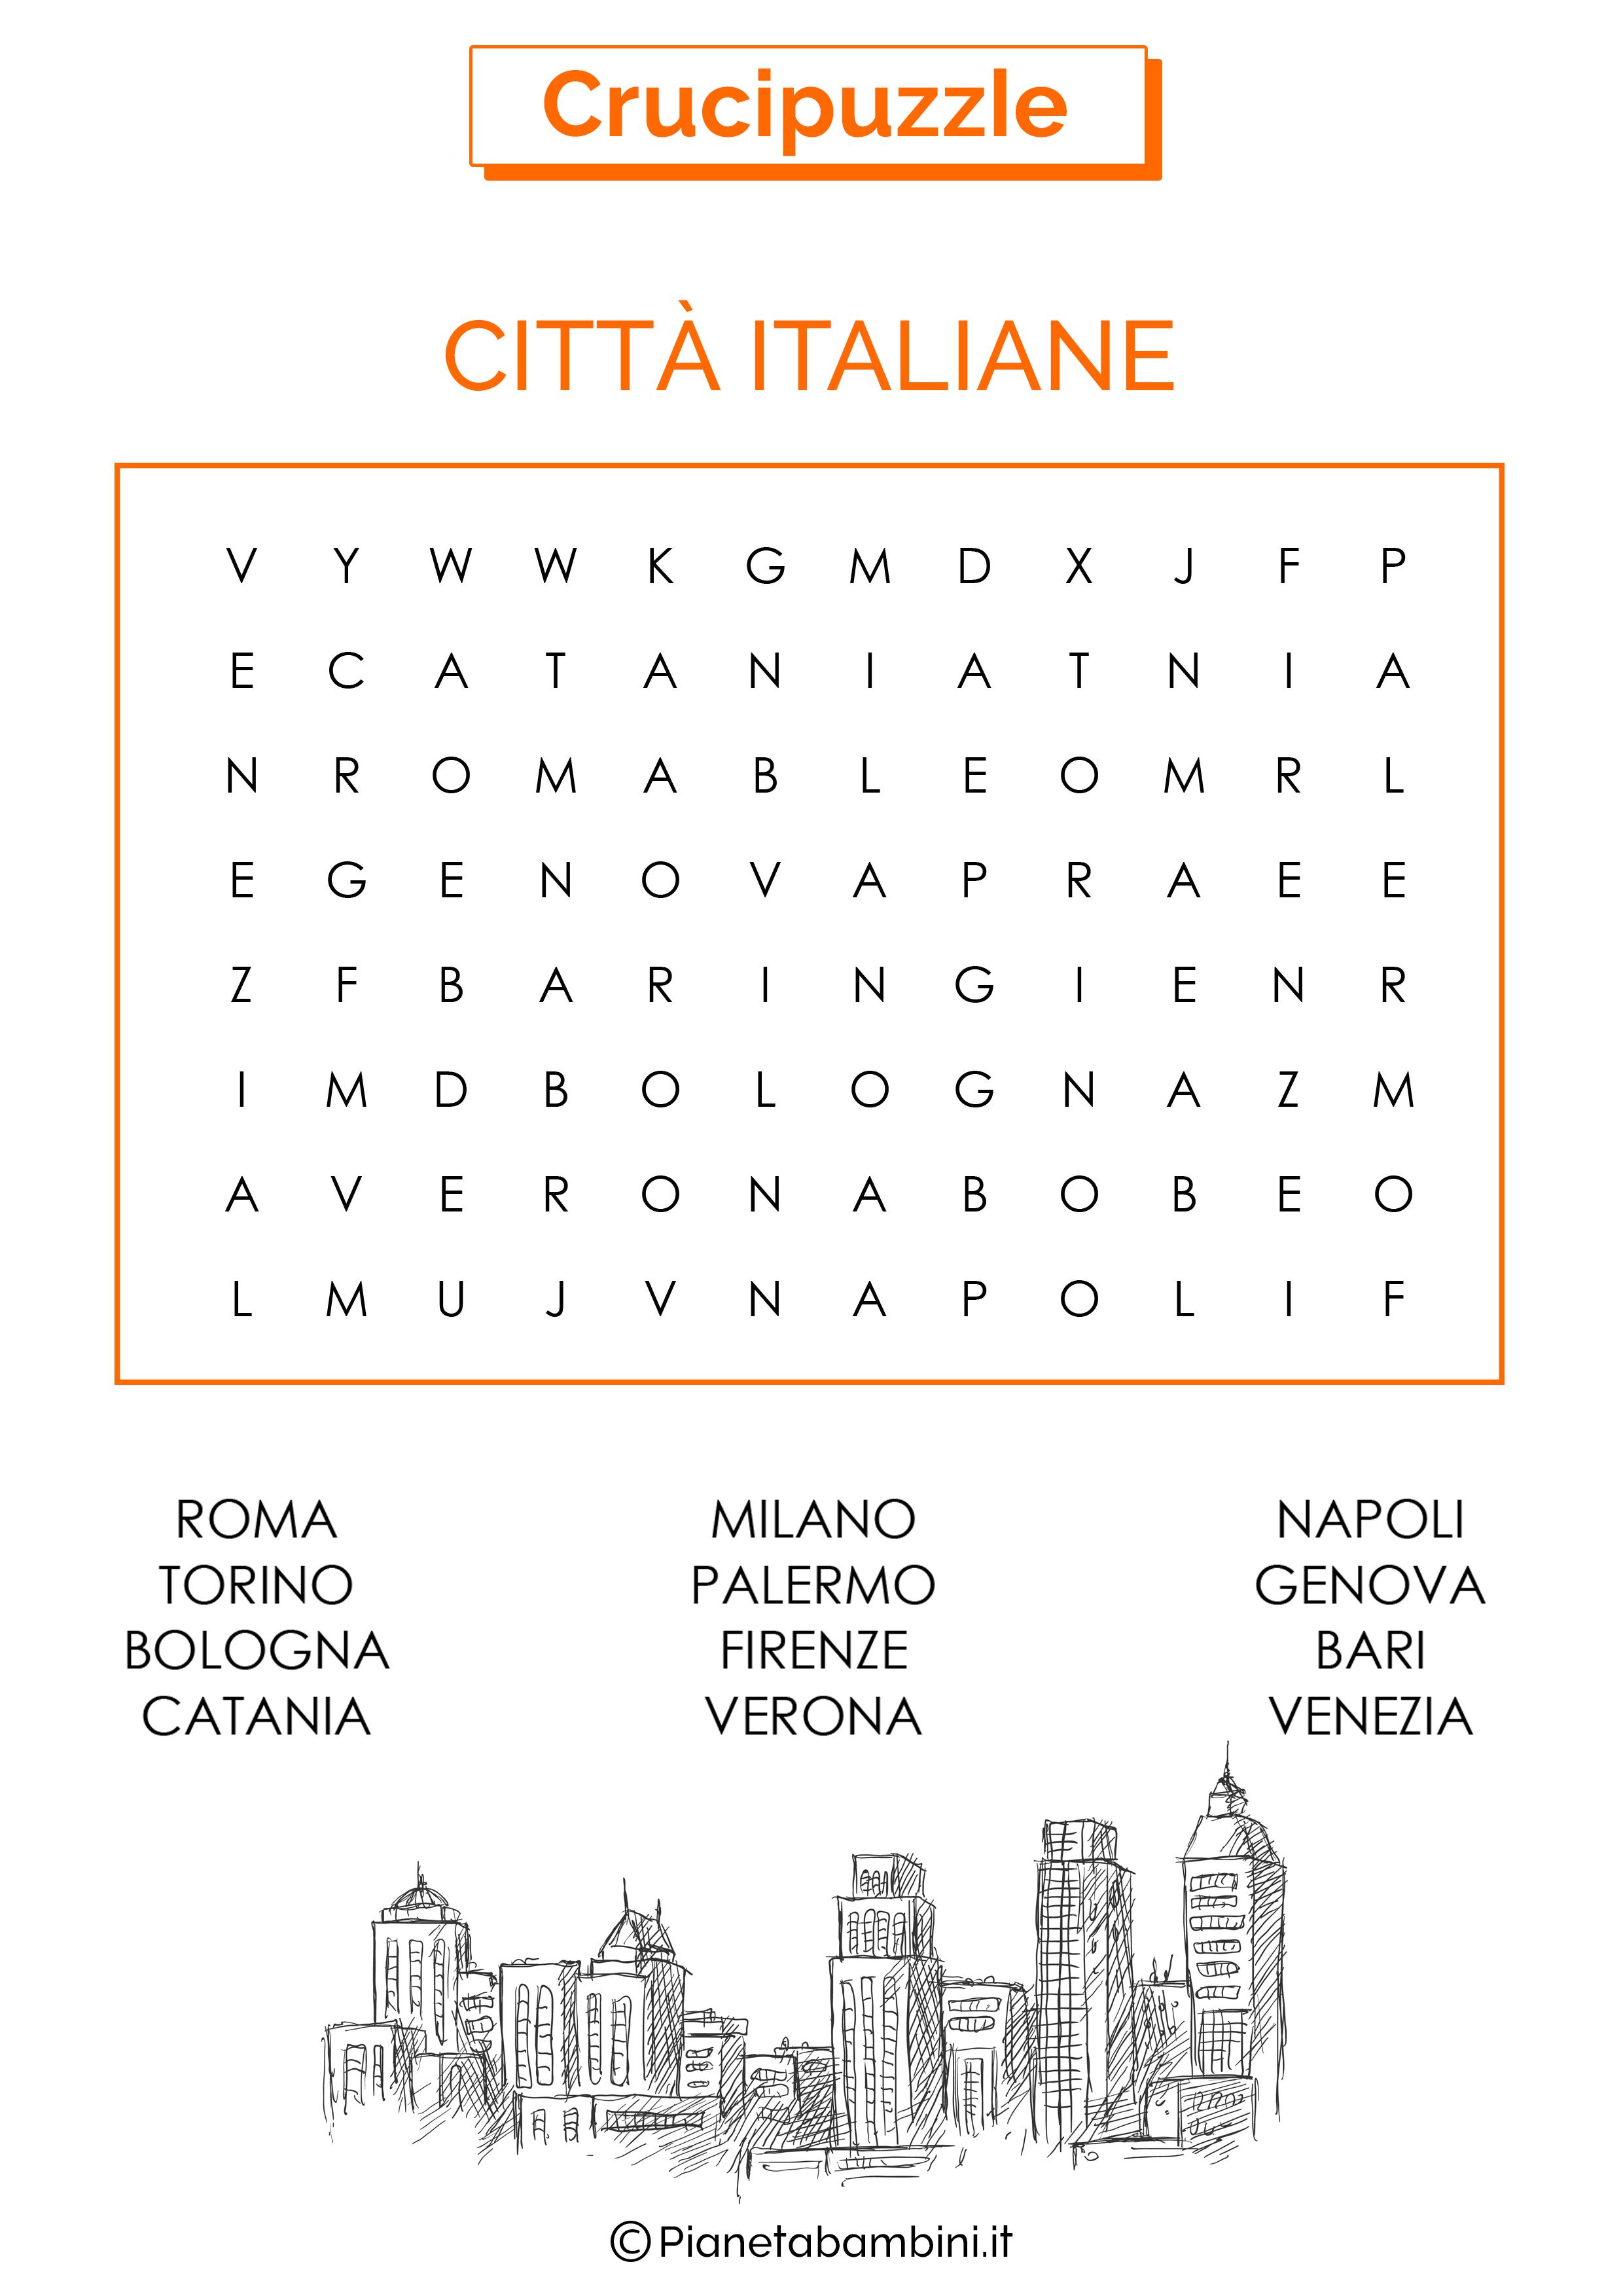 Crucipuzzle facile sulle città italiane